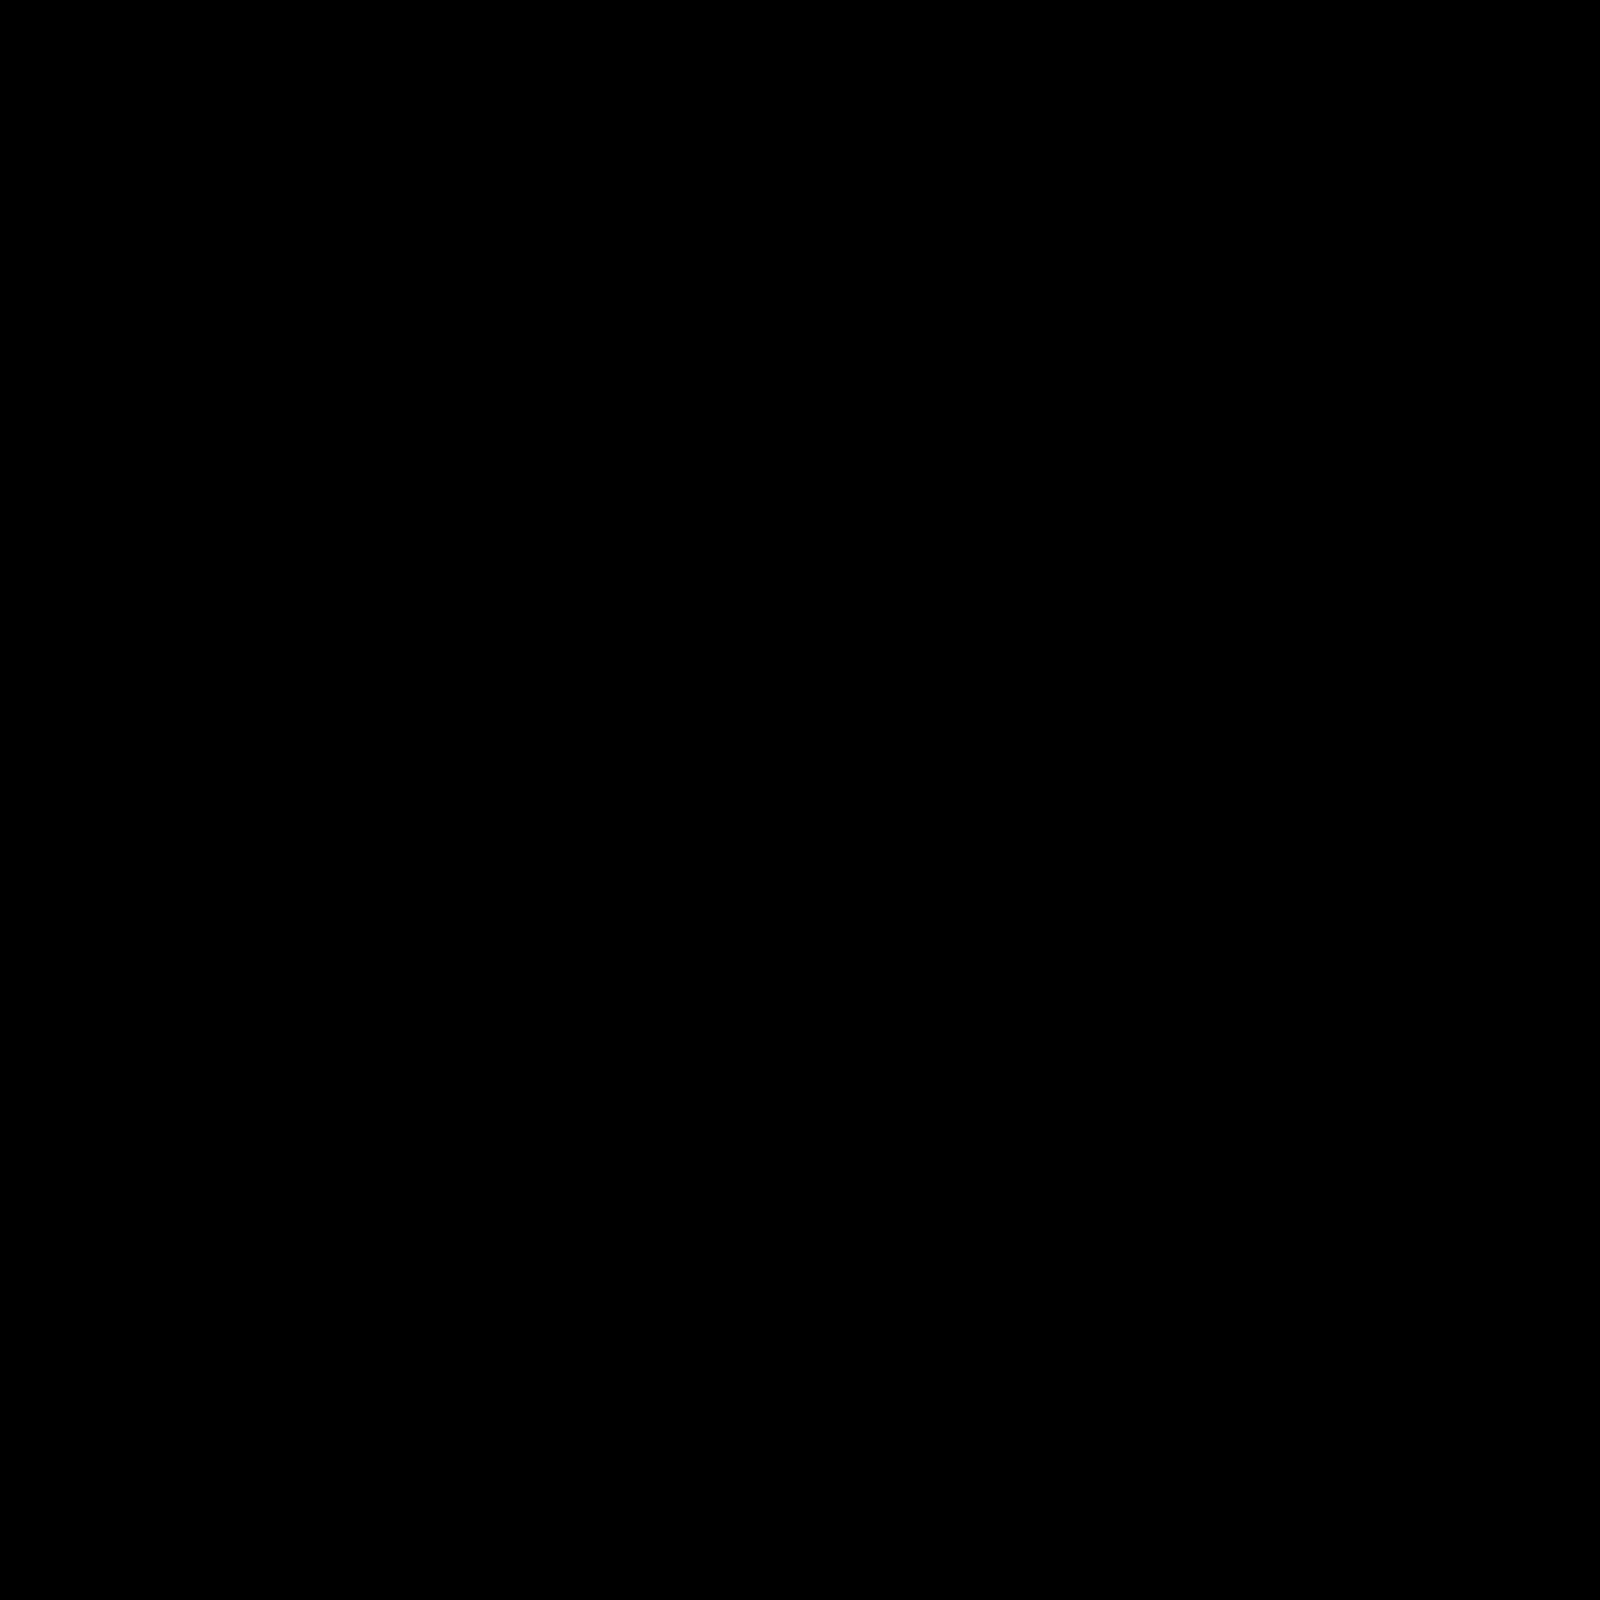 Smartphone Approve icon